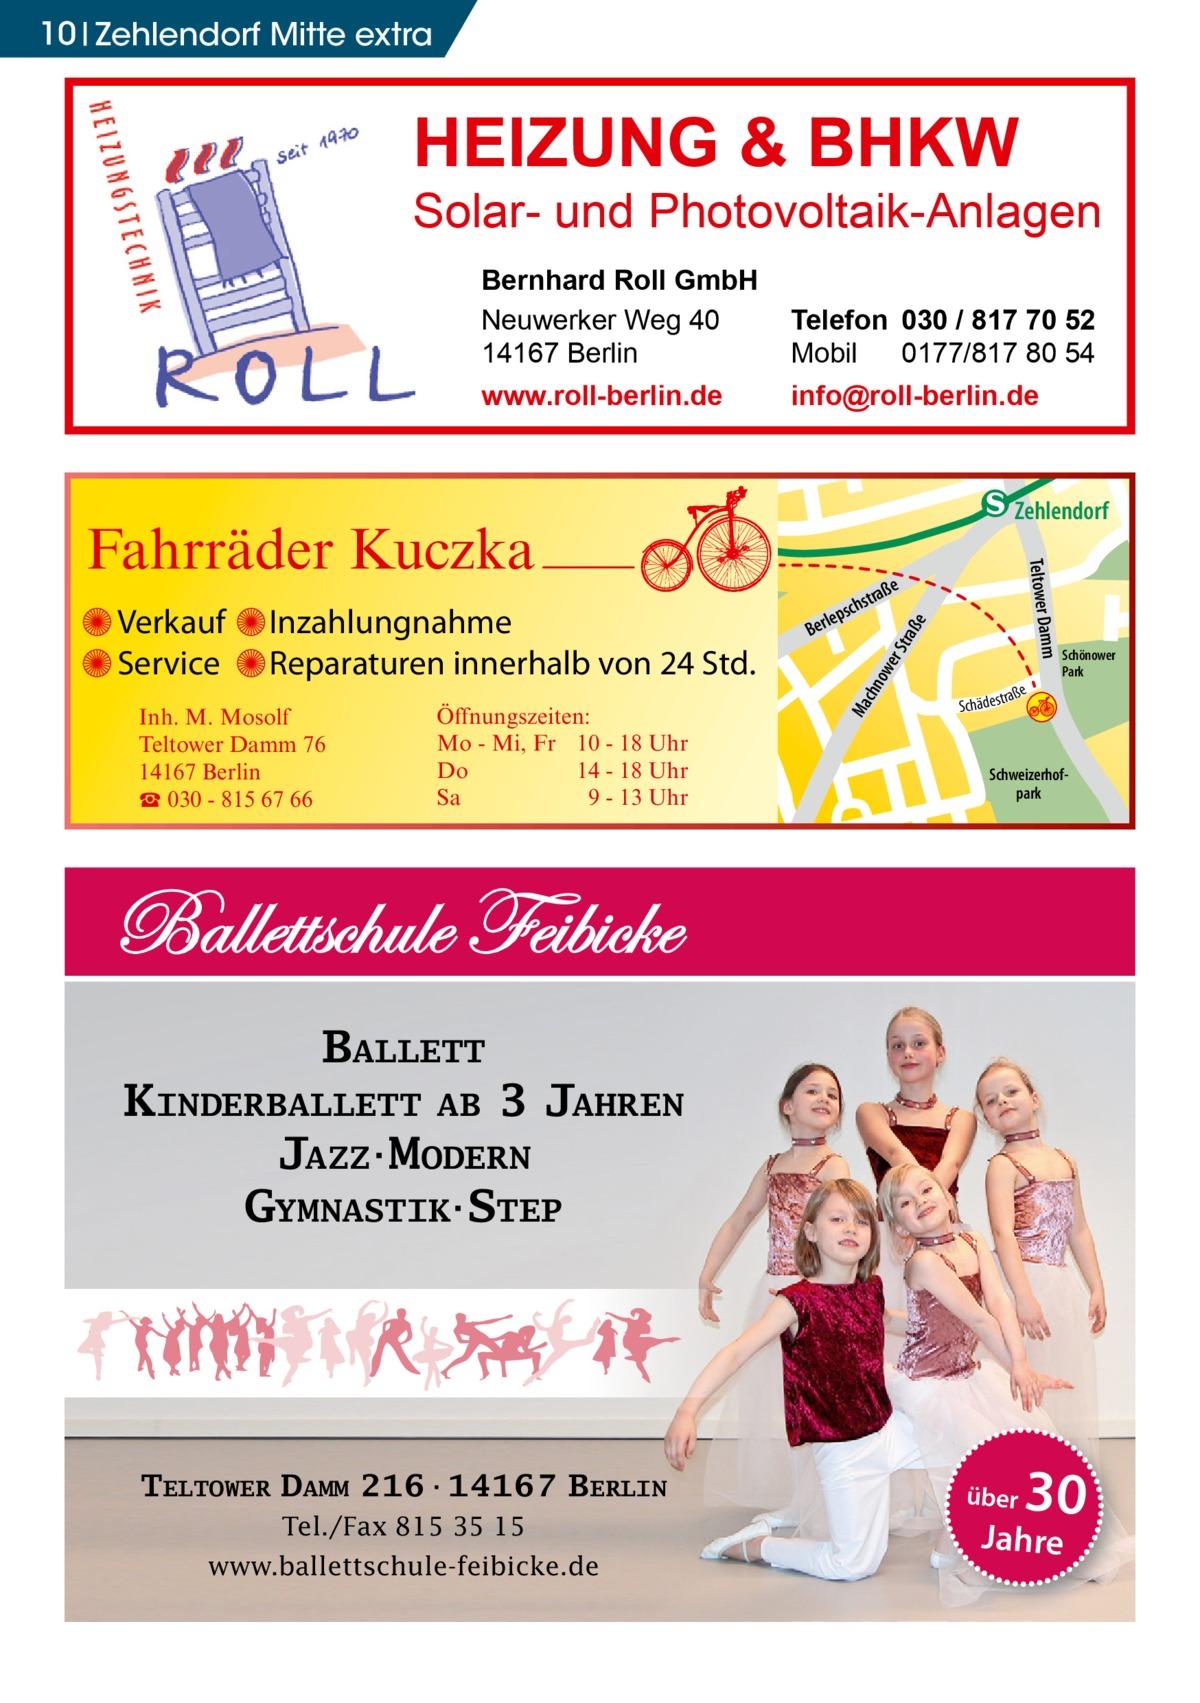 10 Zehlendorf Mitte extra  HEIZUNG & BHKW  Solar- und Photovoltaik-Anlagen Bernhard Roll GmbH Neuwerker Weg 40 14167 Berlin www.roll-berlin.de  Telefon 030 / 817 70 52 Mobil 0177/817 80 54 info@roll-berlin.de  chn Ma  str.  traß e  ow er S  Schweizerhofpark  udstr.  KINDERBALLETT AB 3 JAHREN JAZZ·MODERN GYMNASTIK·STEP  Tel./Fax 815 35 15 www.ballettschule-feibicke.de  über  30  Jahre  -Str. djery  Schönower Park  BALLETT  TELTOWER DAMM 216·14167 BERLIN  str.  Sc  Hand  Öffnungszeiten: Mo - Mi, Fr 10 - 18 Uhr Do 14 - 18 Uhr Sa 9 - 13 Uhr  Gertra  Inh. M. Mosolf Teltower Damm 76 14167 Berlin ☎ 030 - 815 67 66  a ße hä d e s t r  h rauc  Inzahlungnahme Reparaturen innerhalb von 24 Std.  Mühlenstr Prinz  Verkauf Service  e  traß  schs  lep Ber  mm Teltower Da  Fahrräder Kuczka  enStub  Zehlendorf